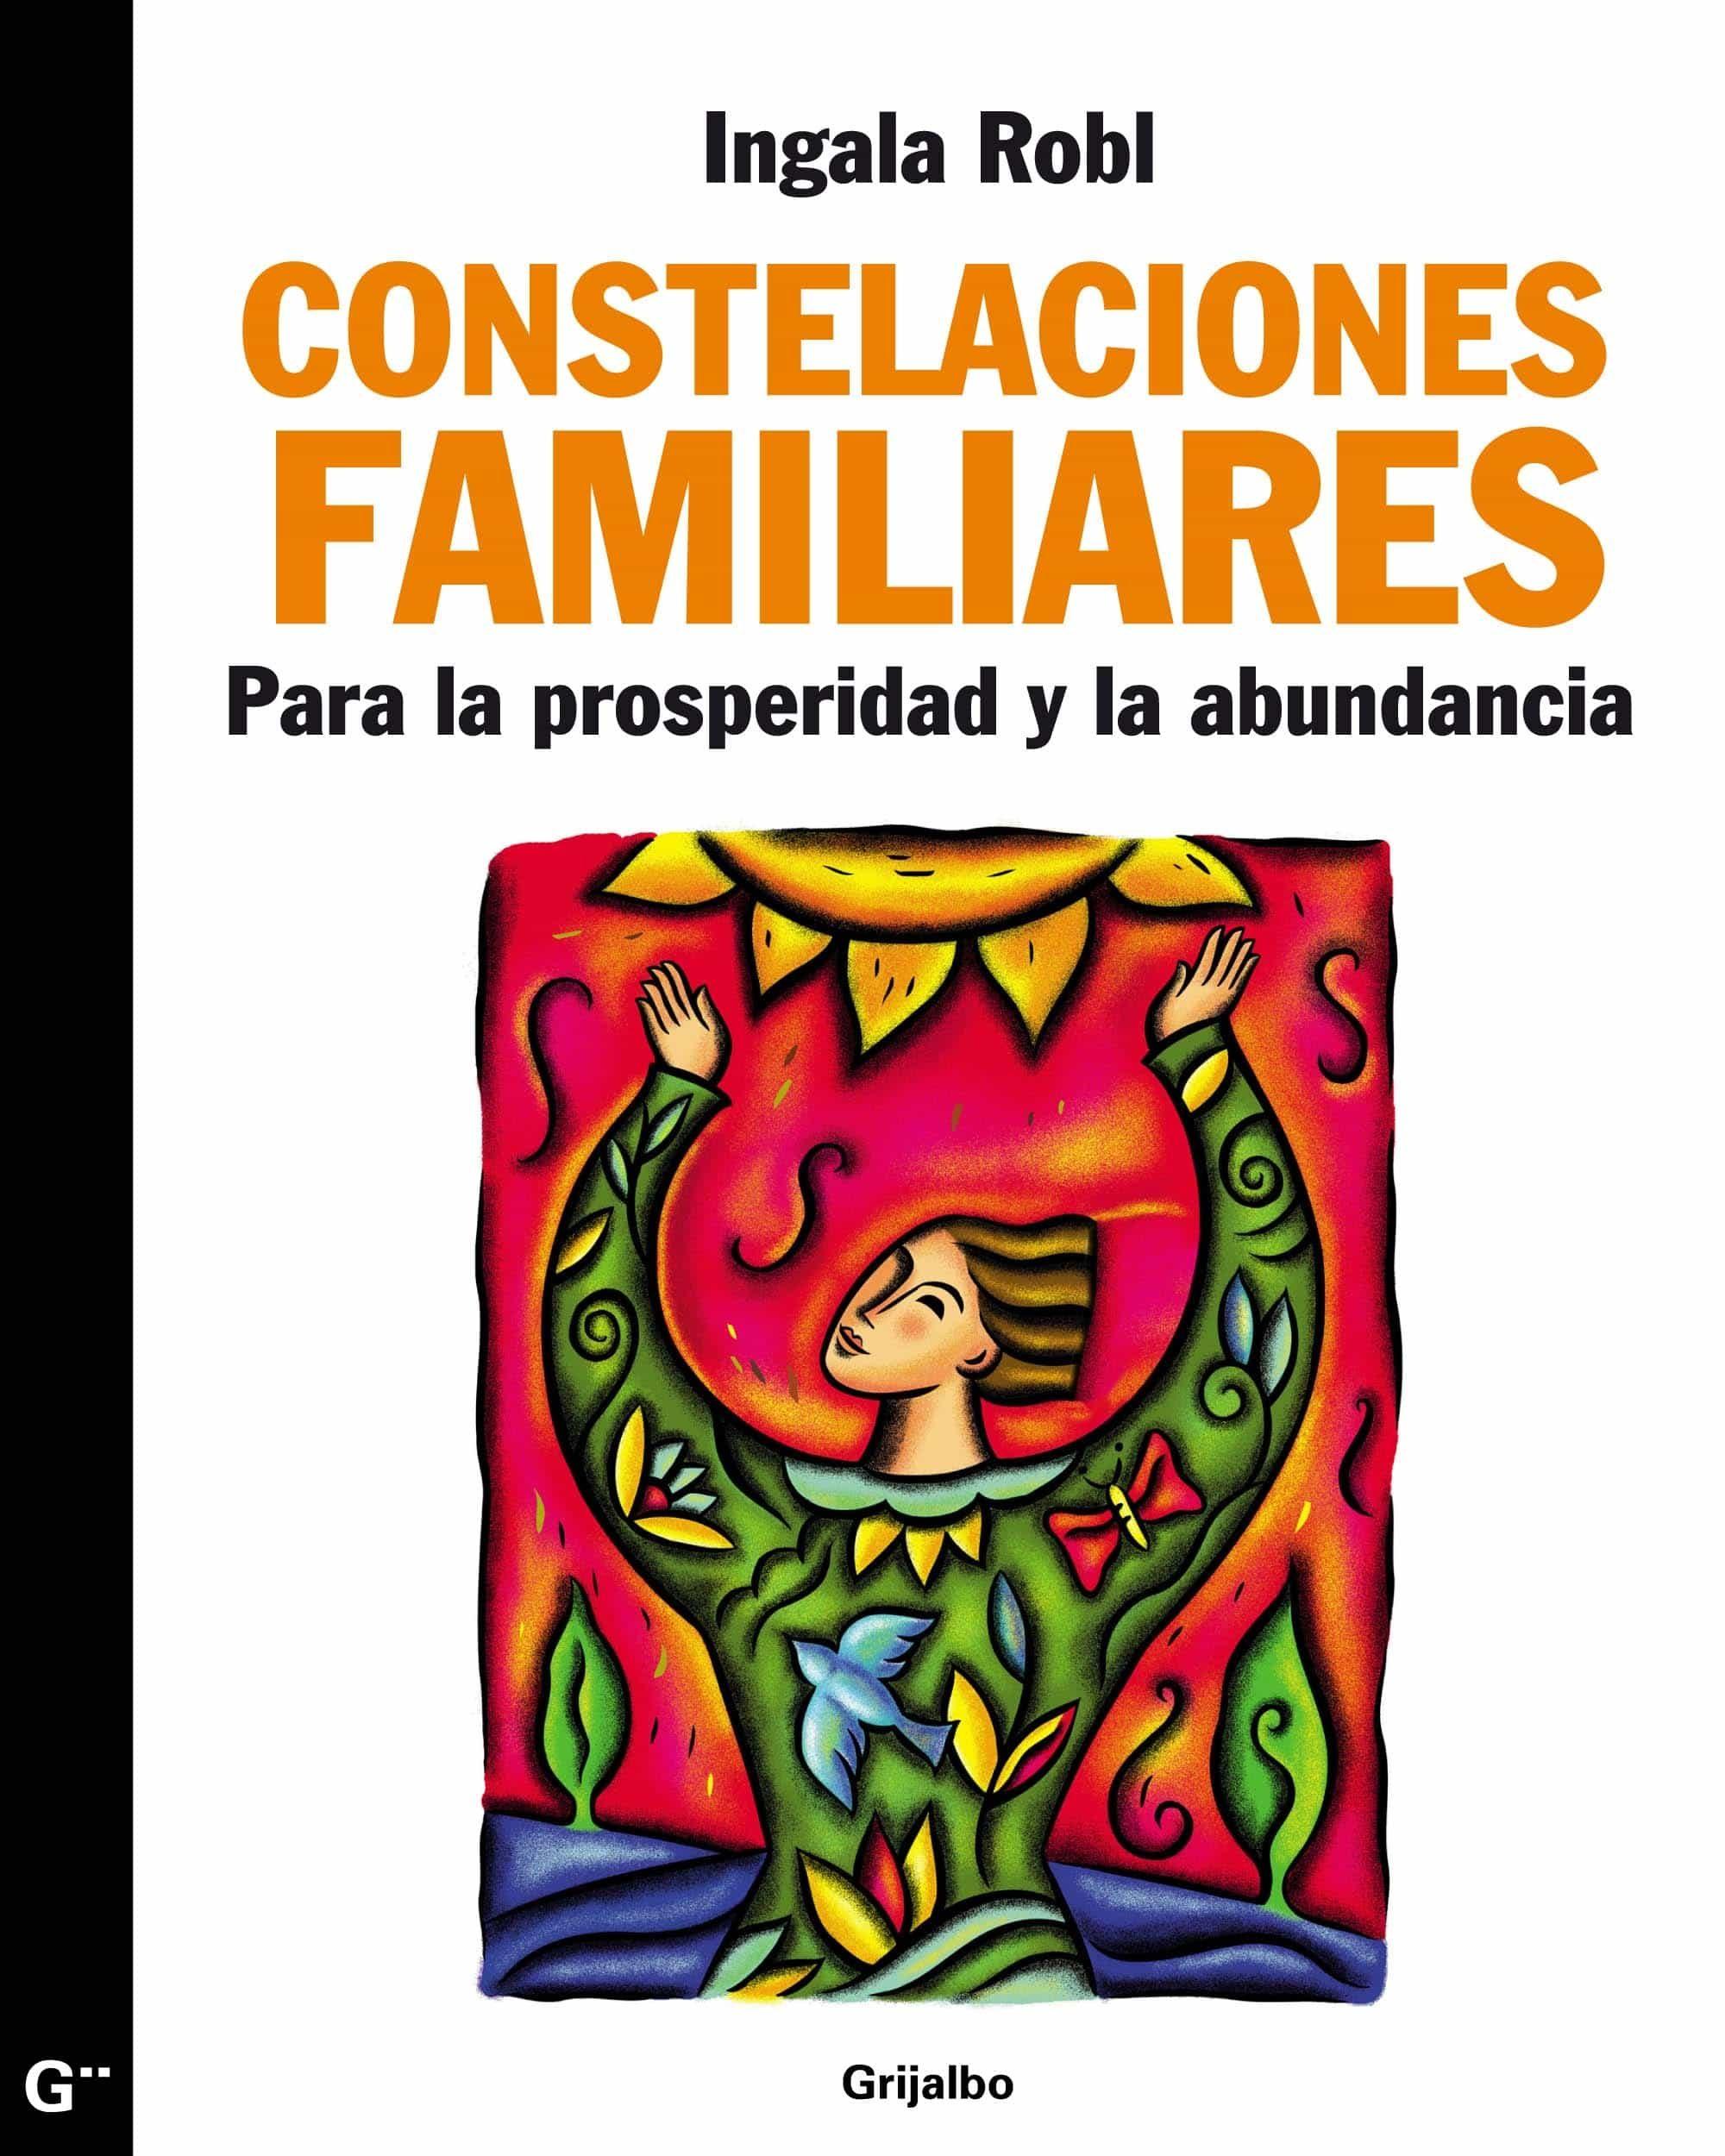 Constelaciones ebook Prosperidad Familiares Abundancia La Para Y 7wBpqPz7